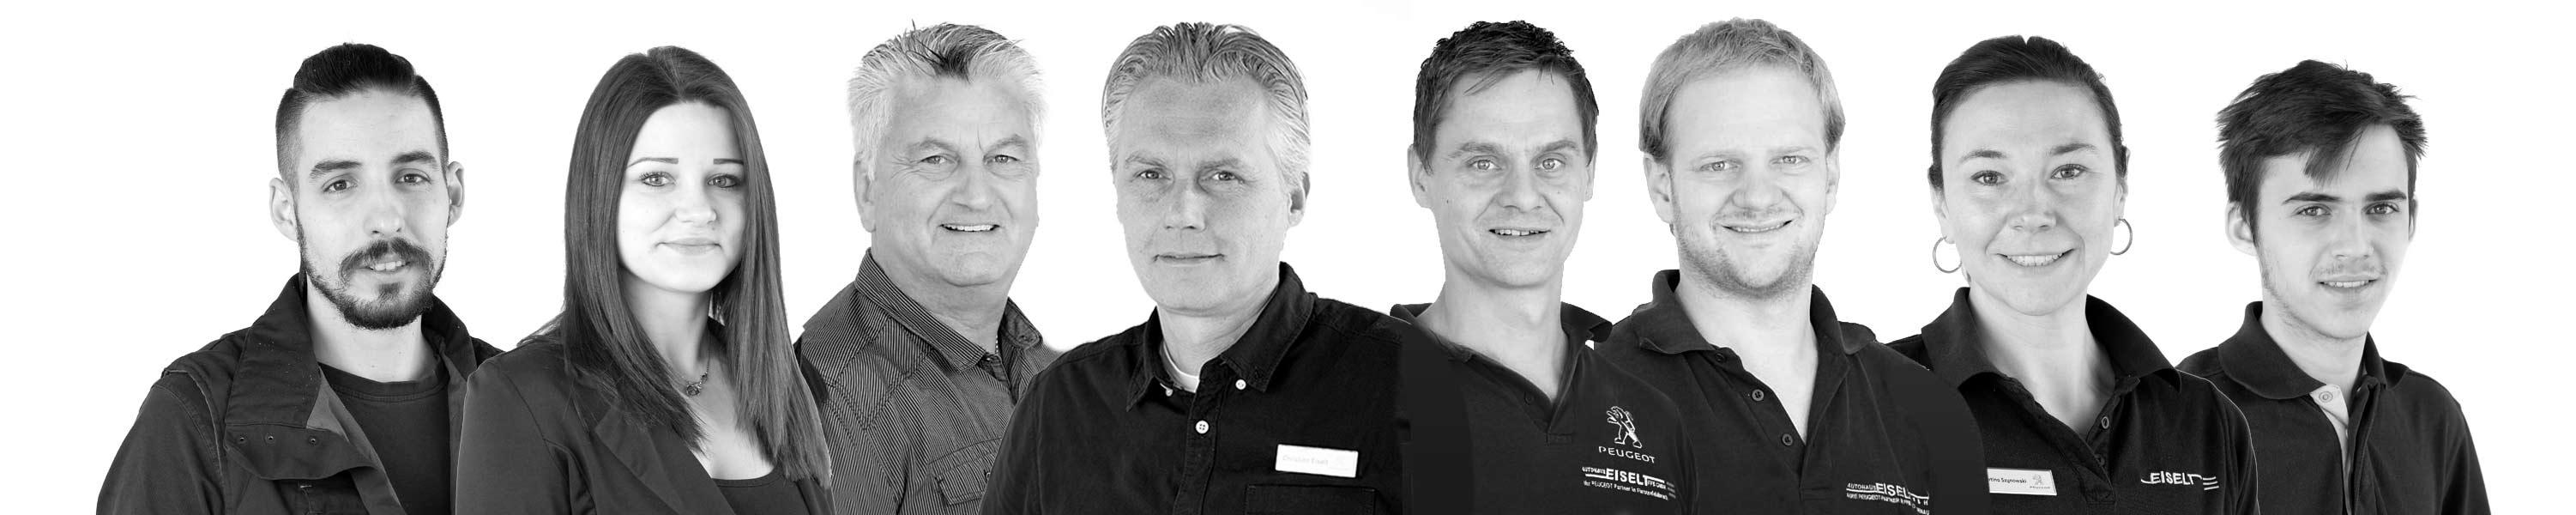 das Autohaus Eiselt FFB Team